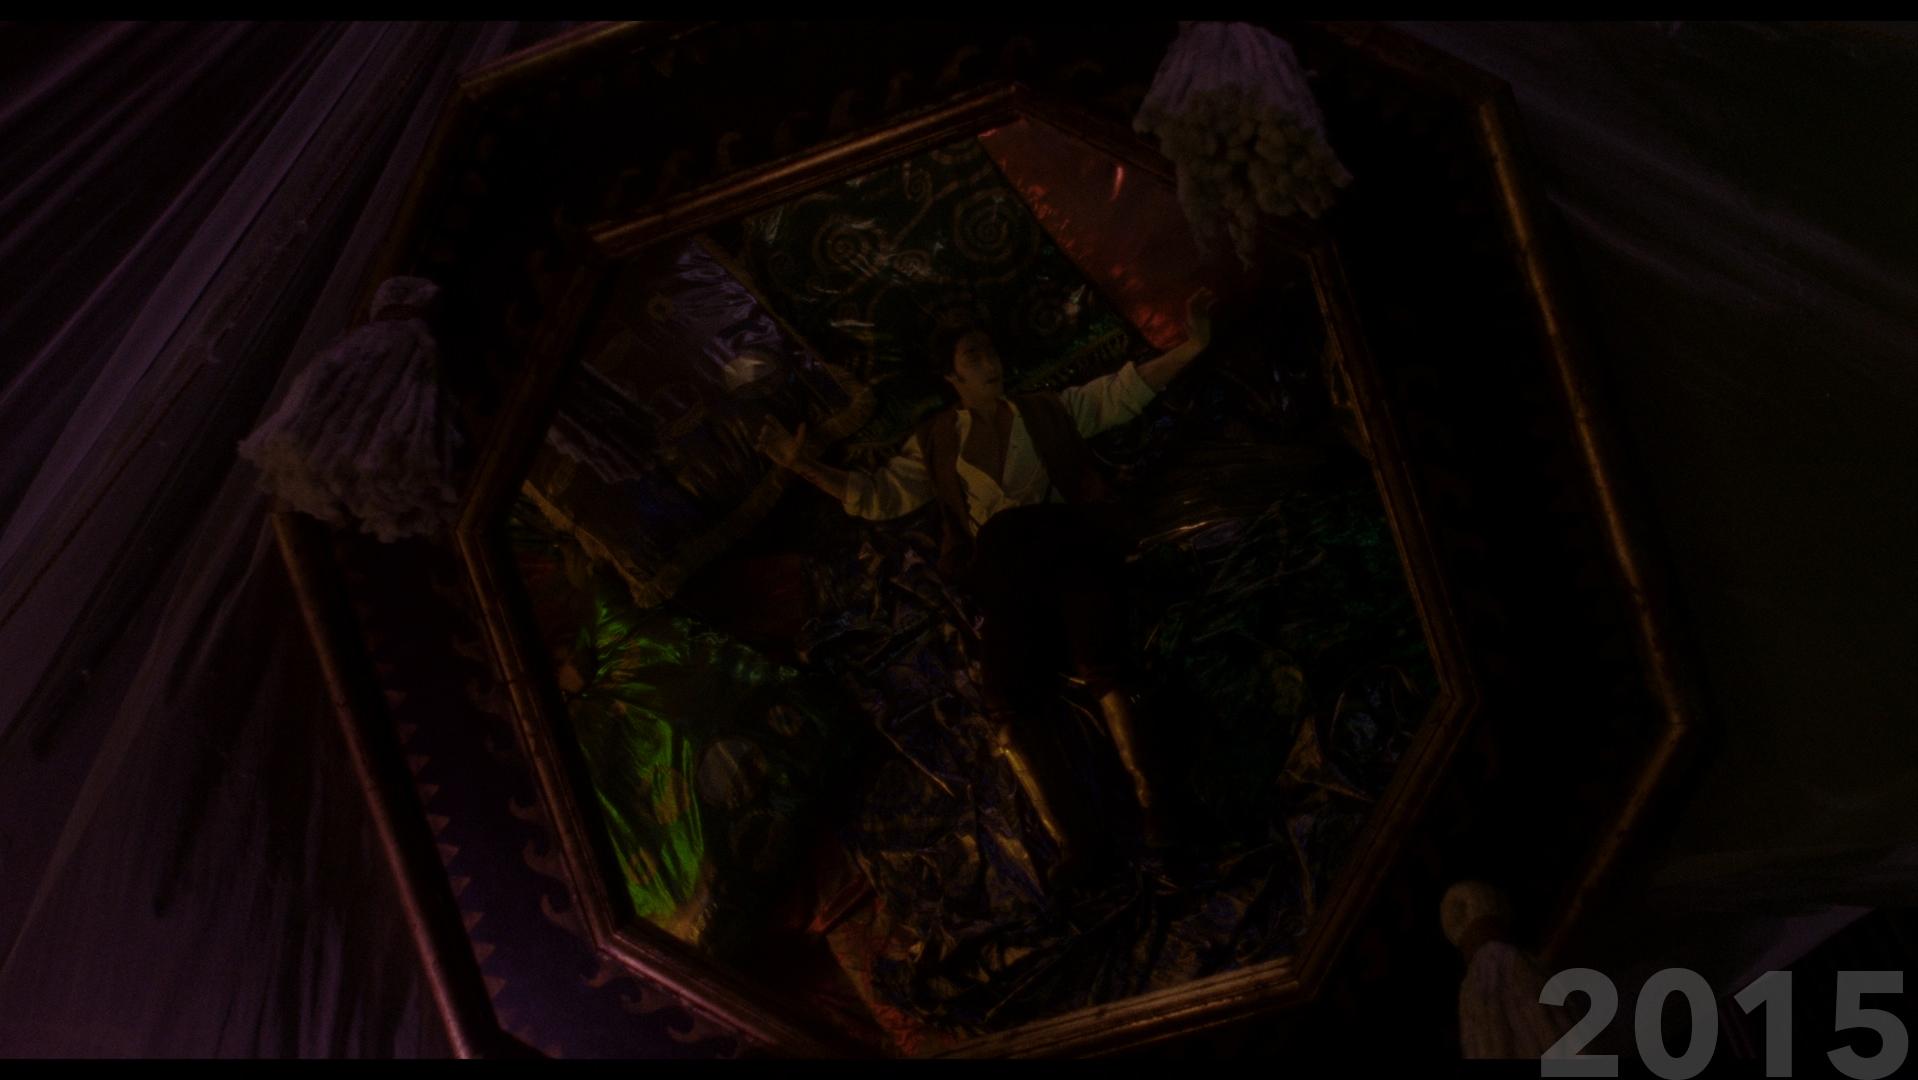 Bram Stoker's Dracula -- Harker in bed 2015